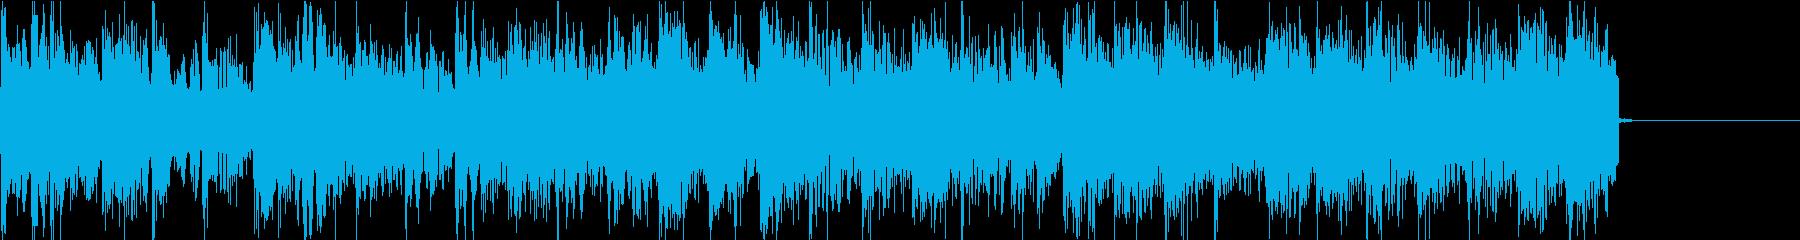 気分が上がる電子音が印象的なアイキャッチの再生済みの波形